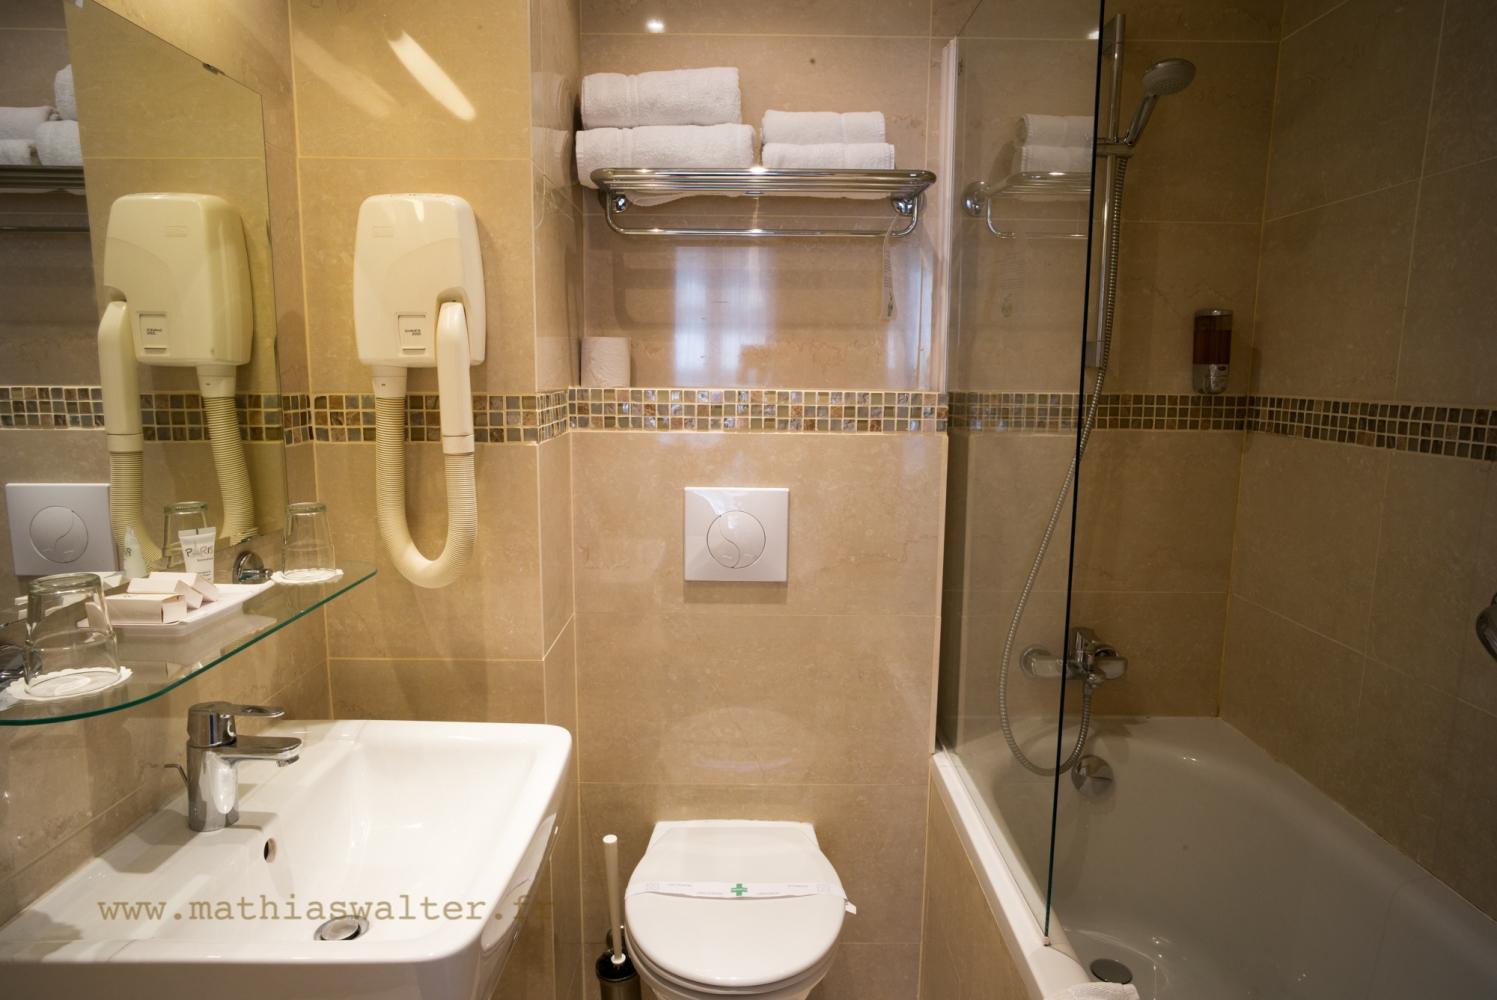 chambre double bain - chambre d'hôtel paris montparnasse 14